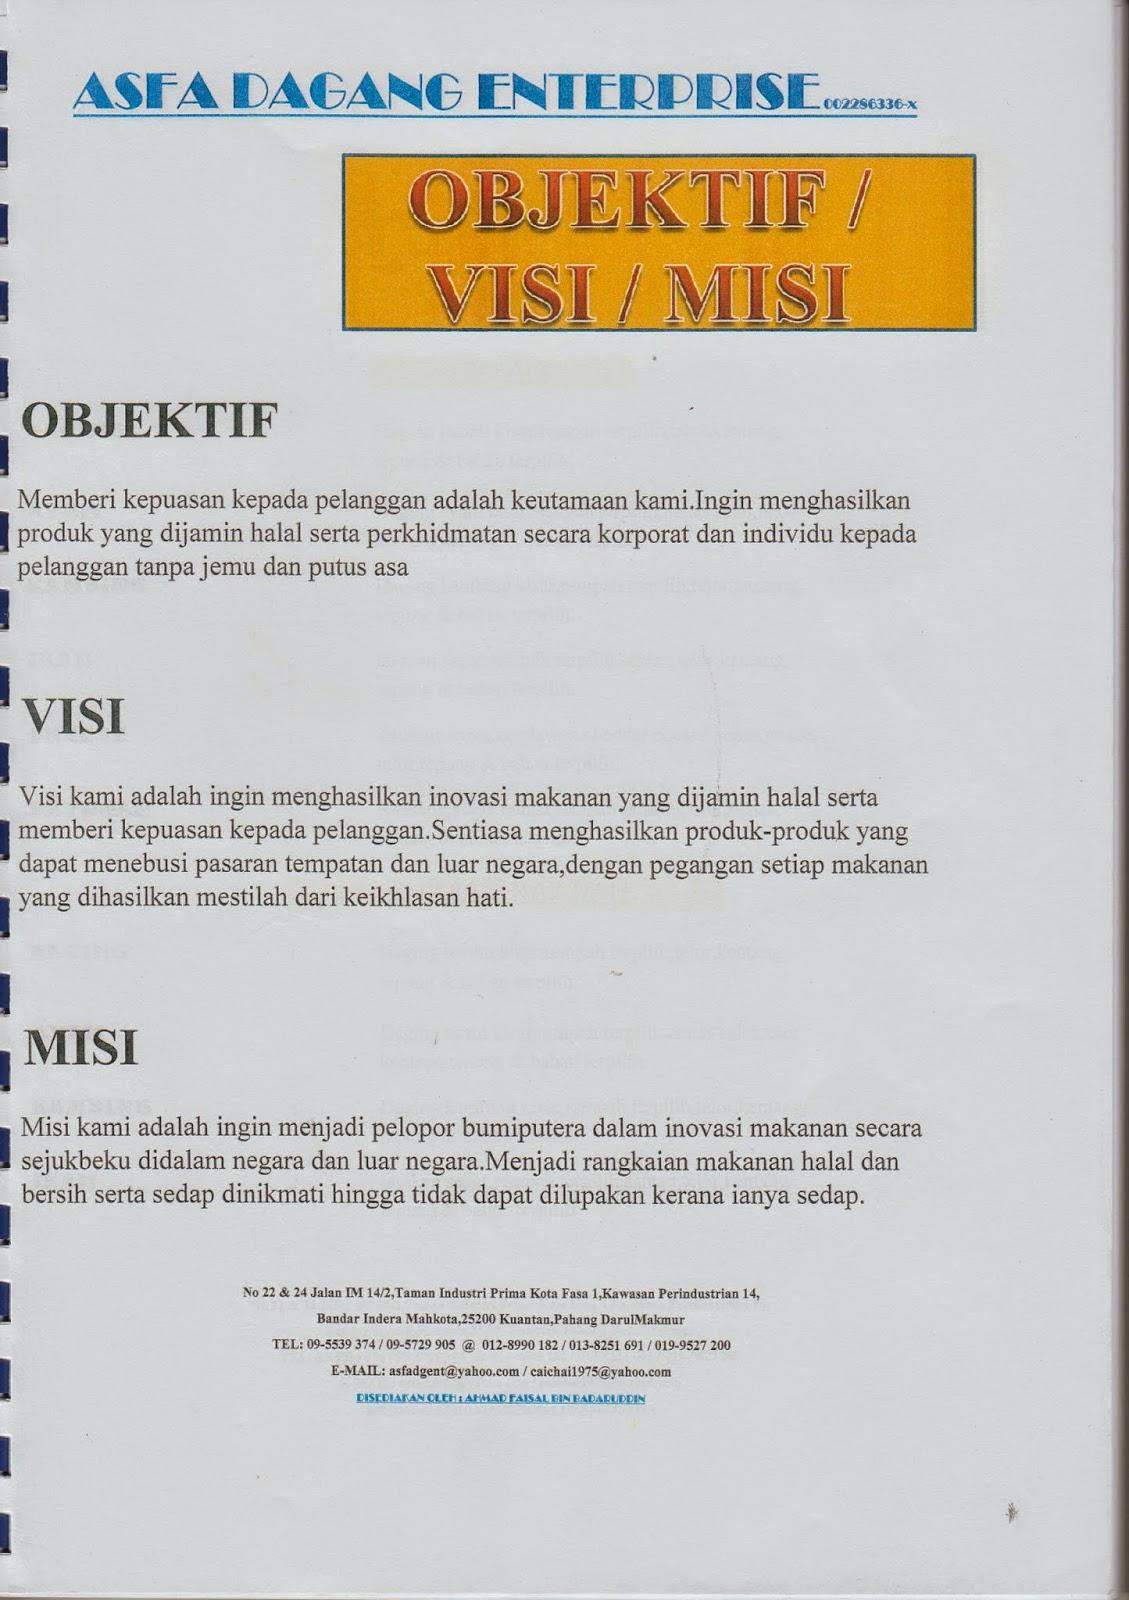 Apakah Tabaq Dan Murtabak Objektif Visi Misi